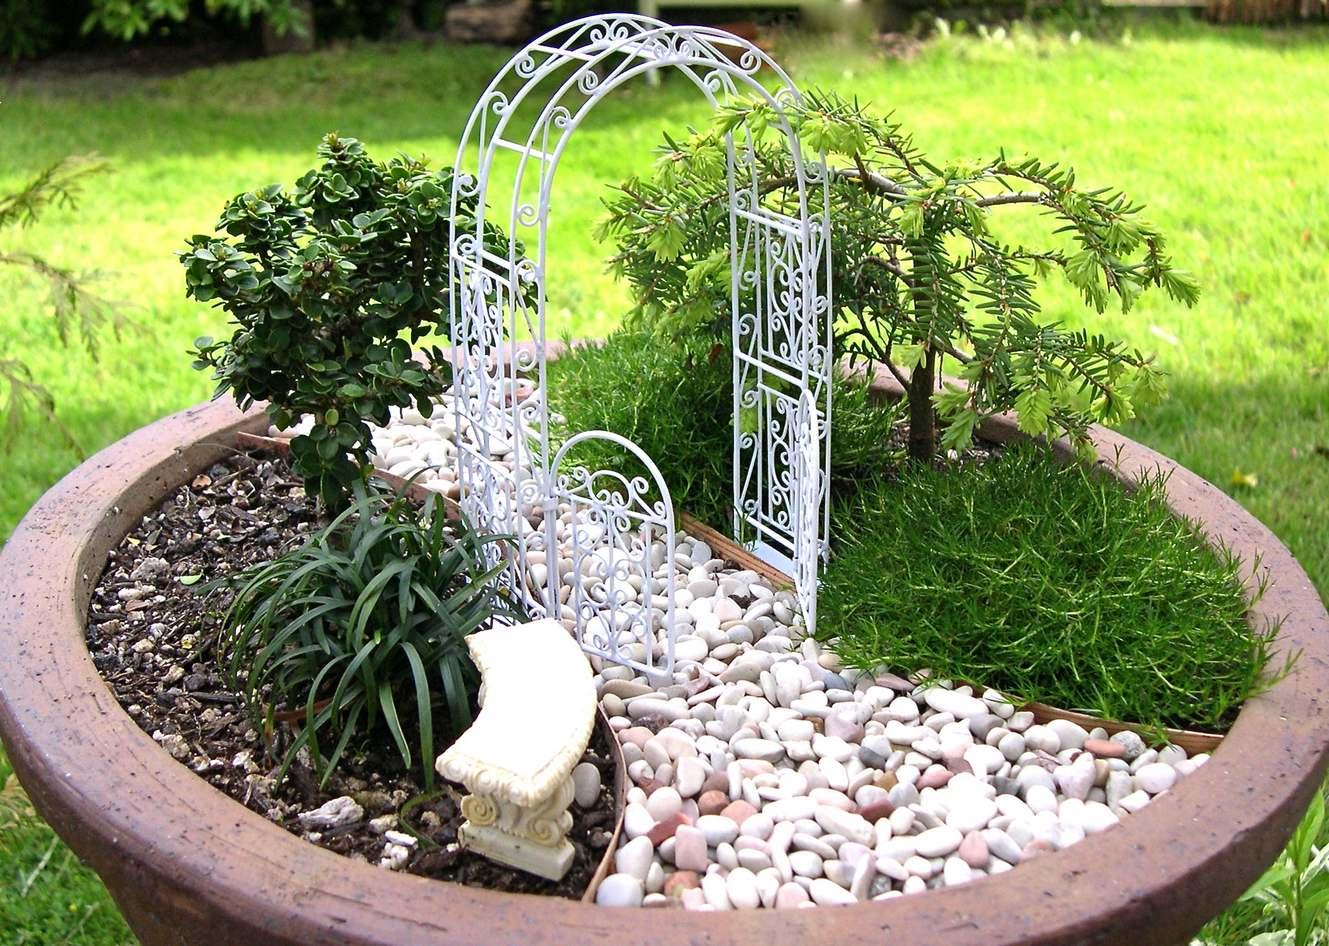 Мини-сад в горшке: композиции миниатюрных участков в замкнутом пространстве